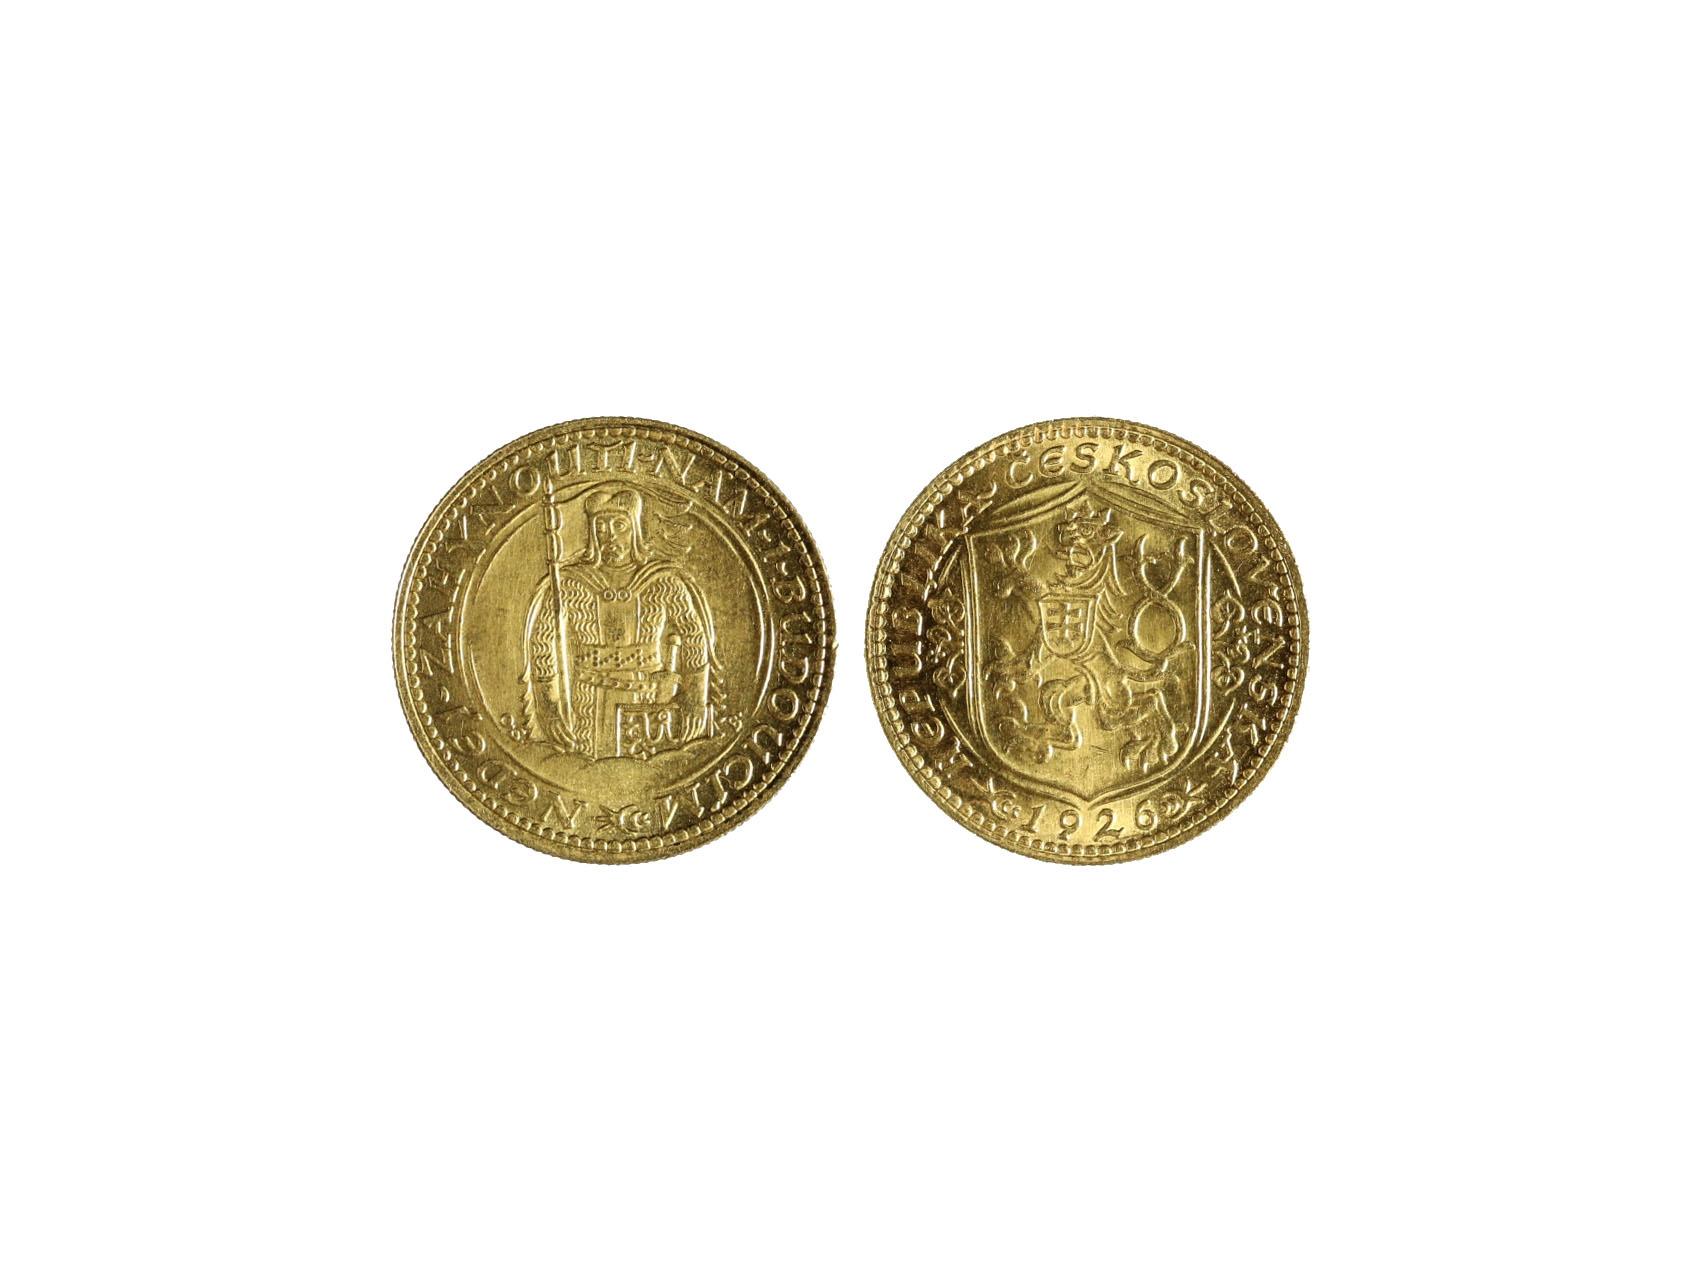 Československo 1918-1939 - Dukát 1926, 3.491 g, 986/1000, raženo 58669 ks, N16